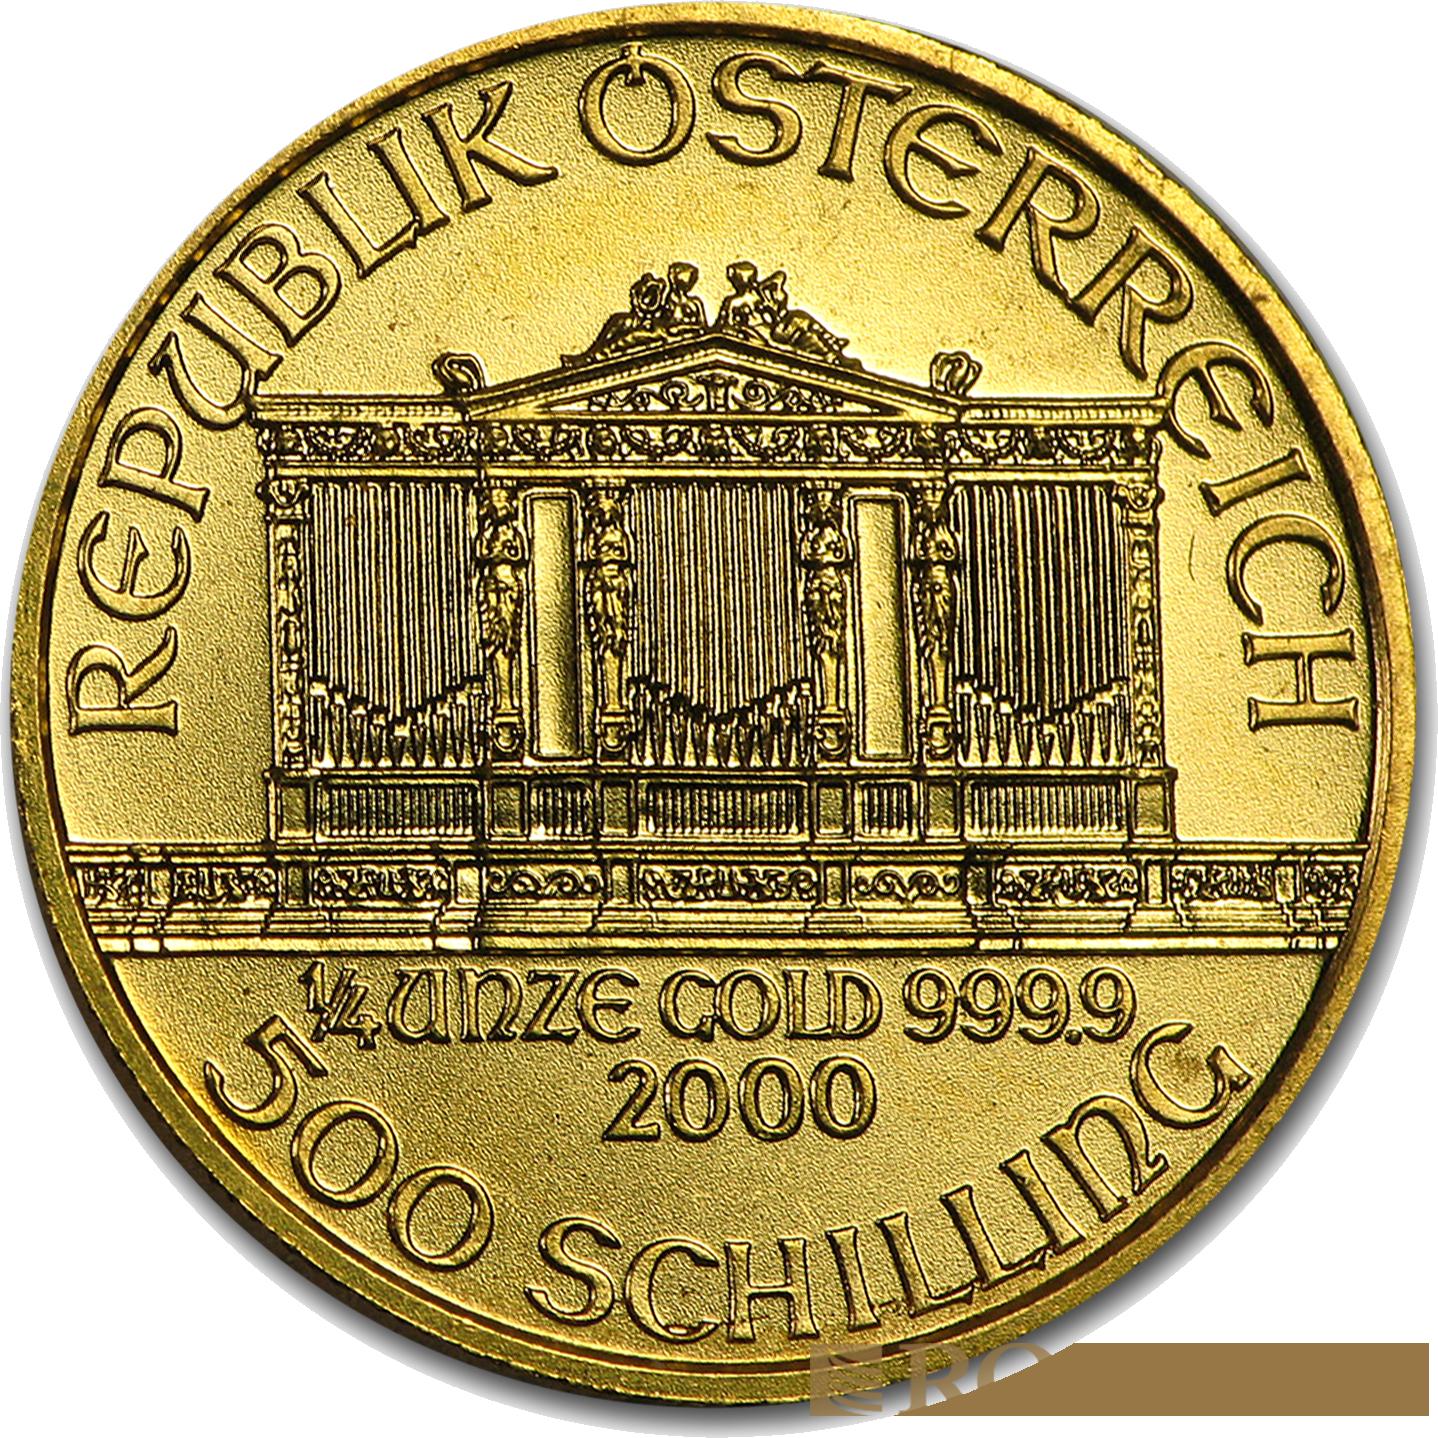 1/4 Unze Goldmünze Wiener Philharmoniker 2000